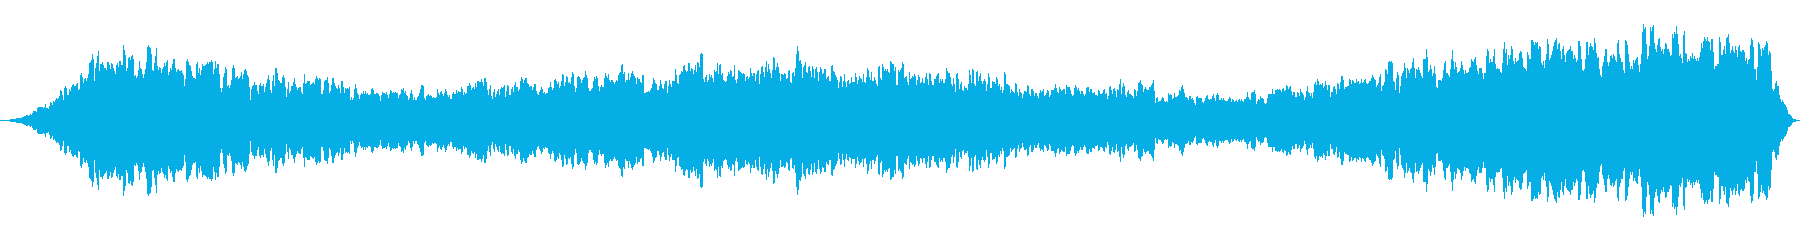 サイクリングピッチ警告スペースアラームの再生済みの波形